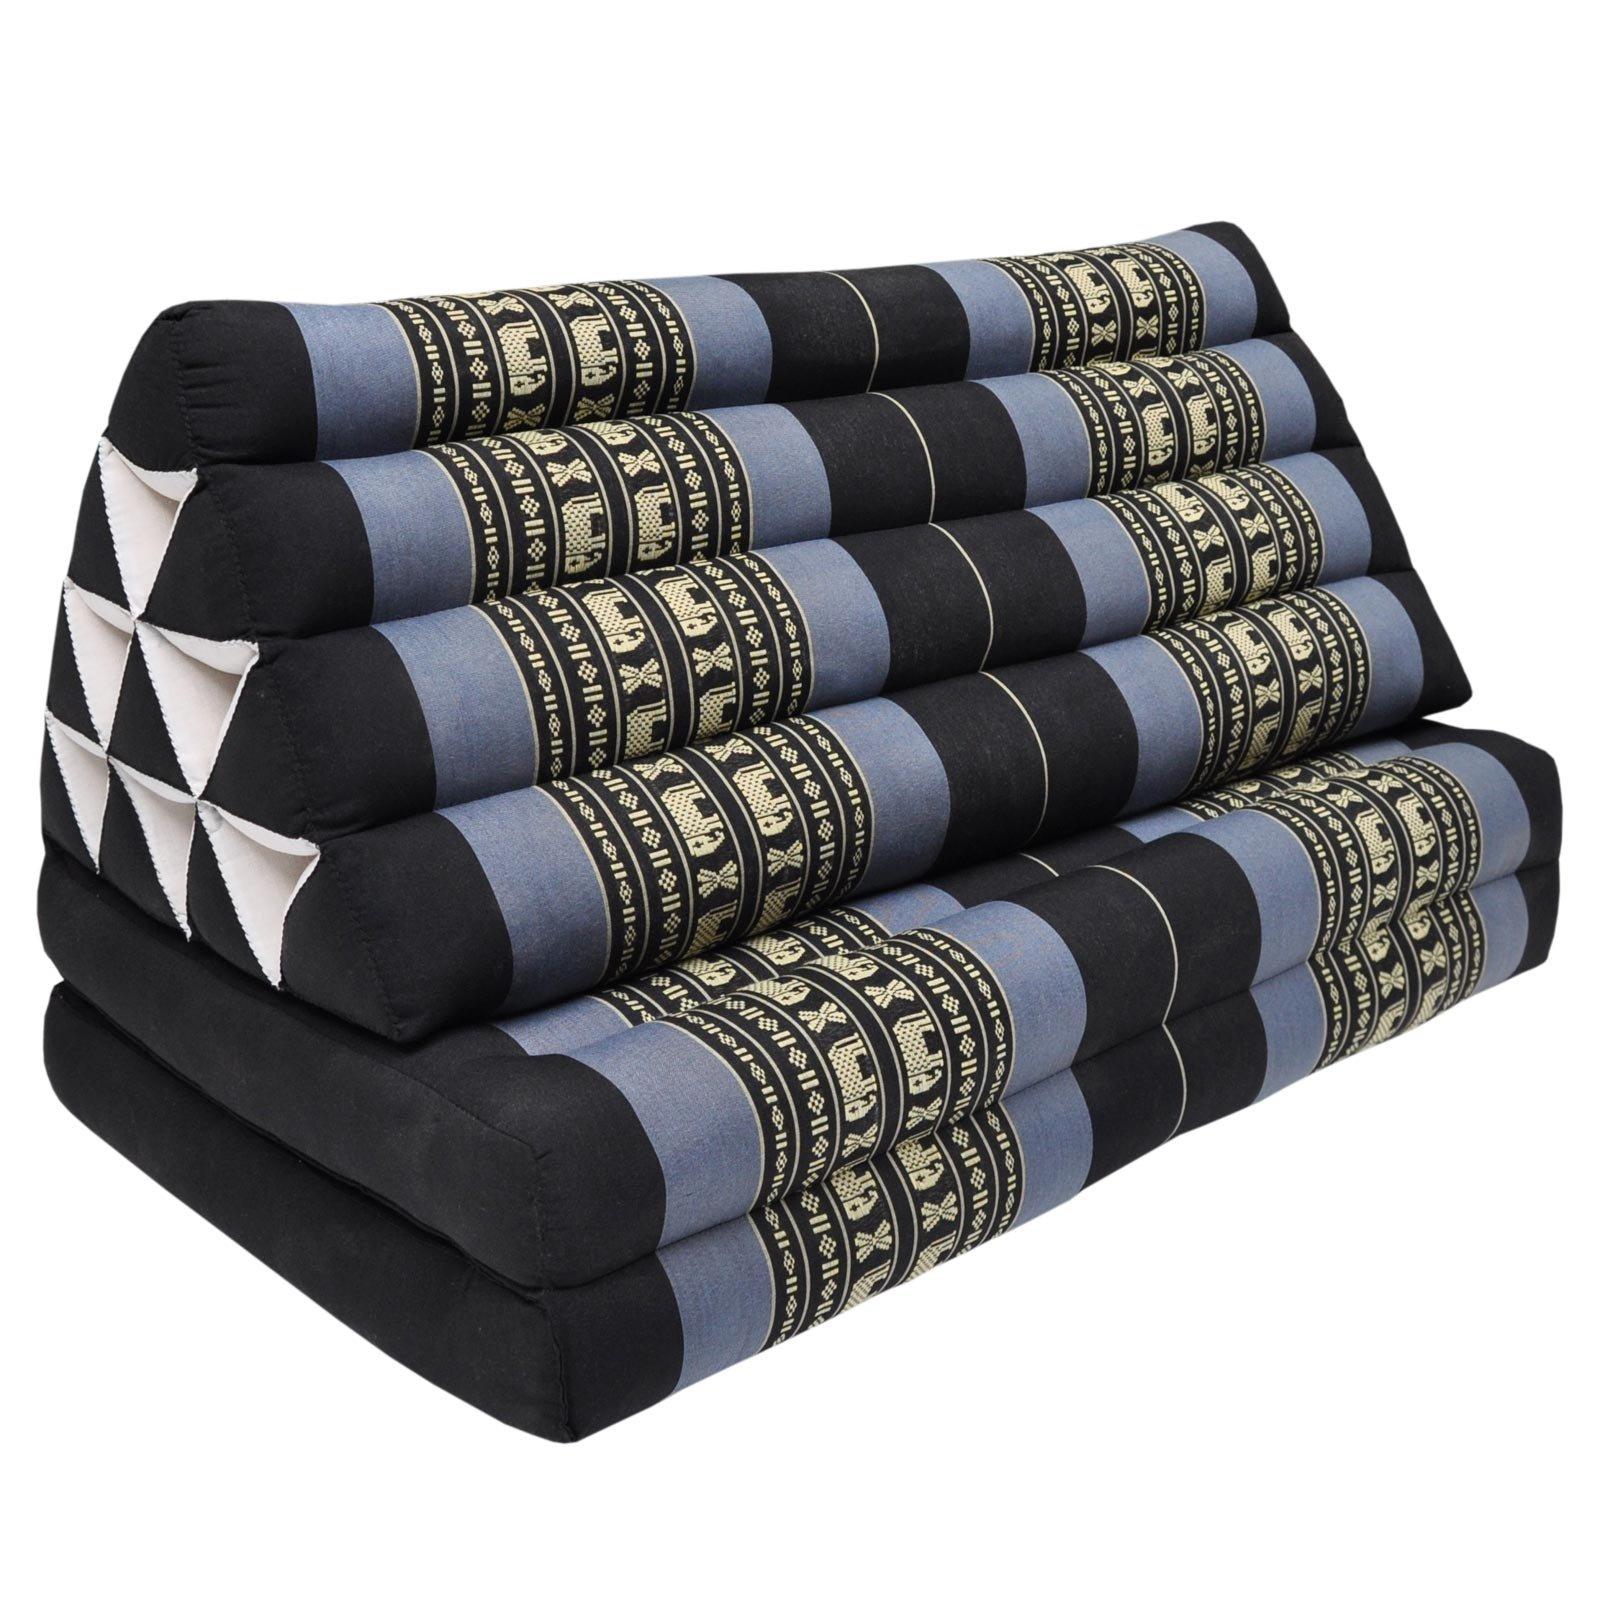 Coussin Thailandais triangle XXL avec assise 2 plis, détente, matelas, kapok, fauteuil, canapé, jardin, plage Noir/Violet avec éléphants (81317)